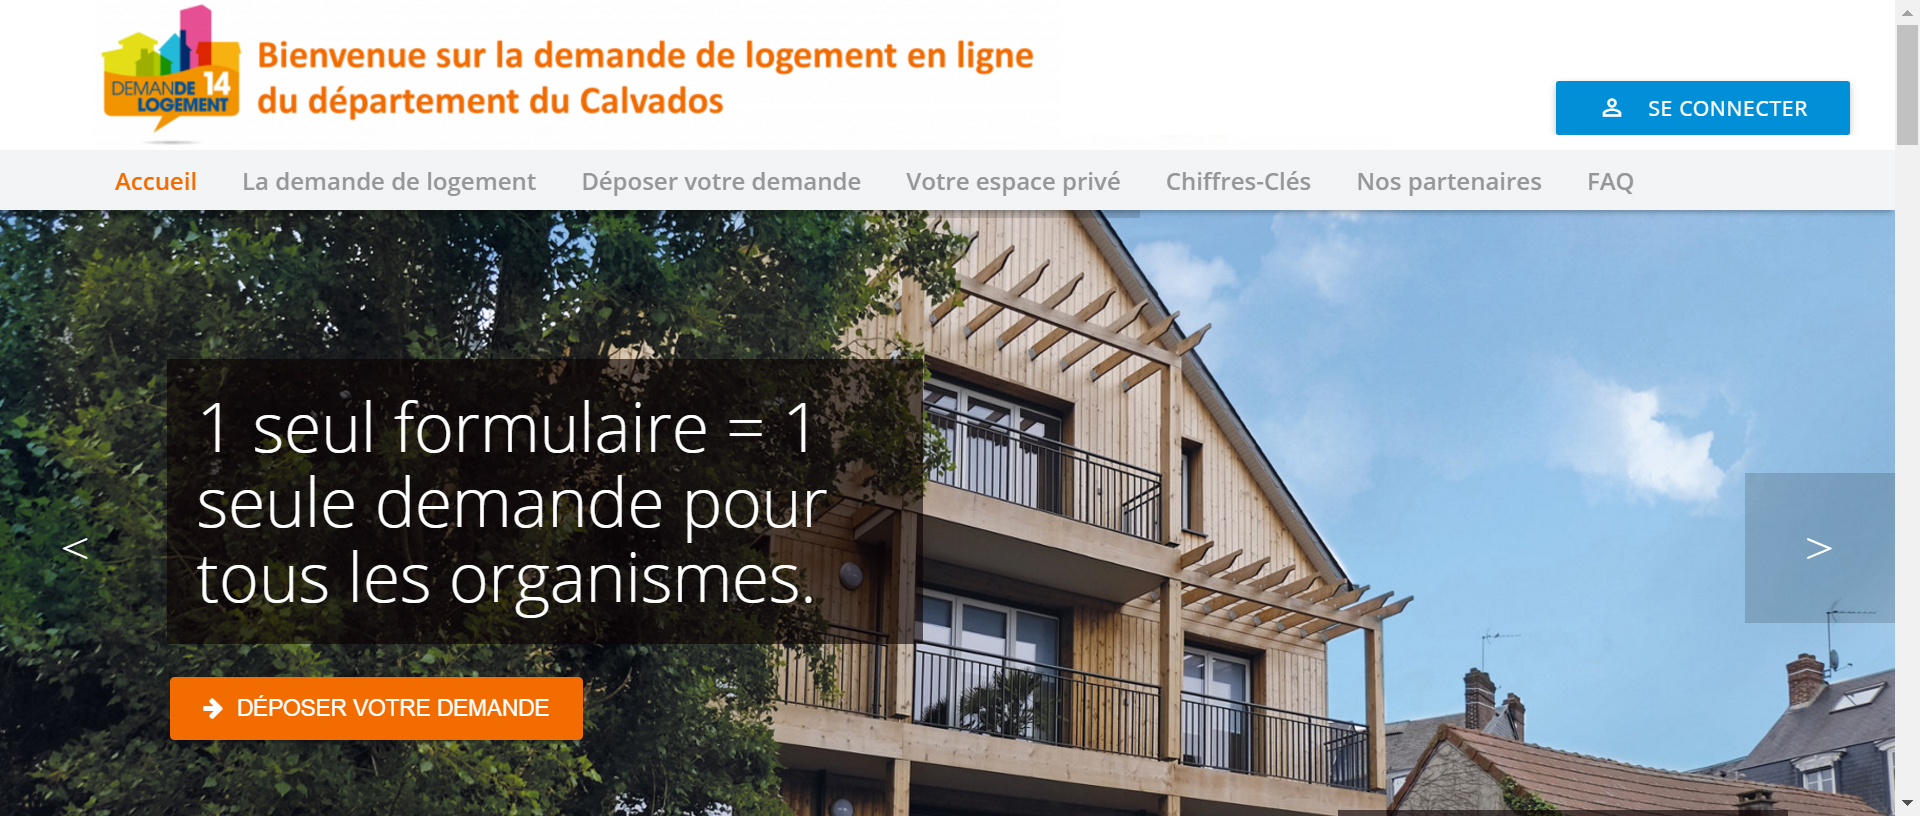 Demande de maison hlm caen avie home for Demande agrandissement maison